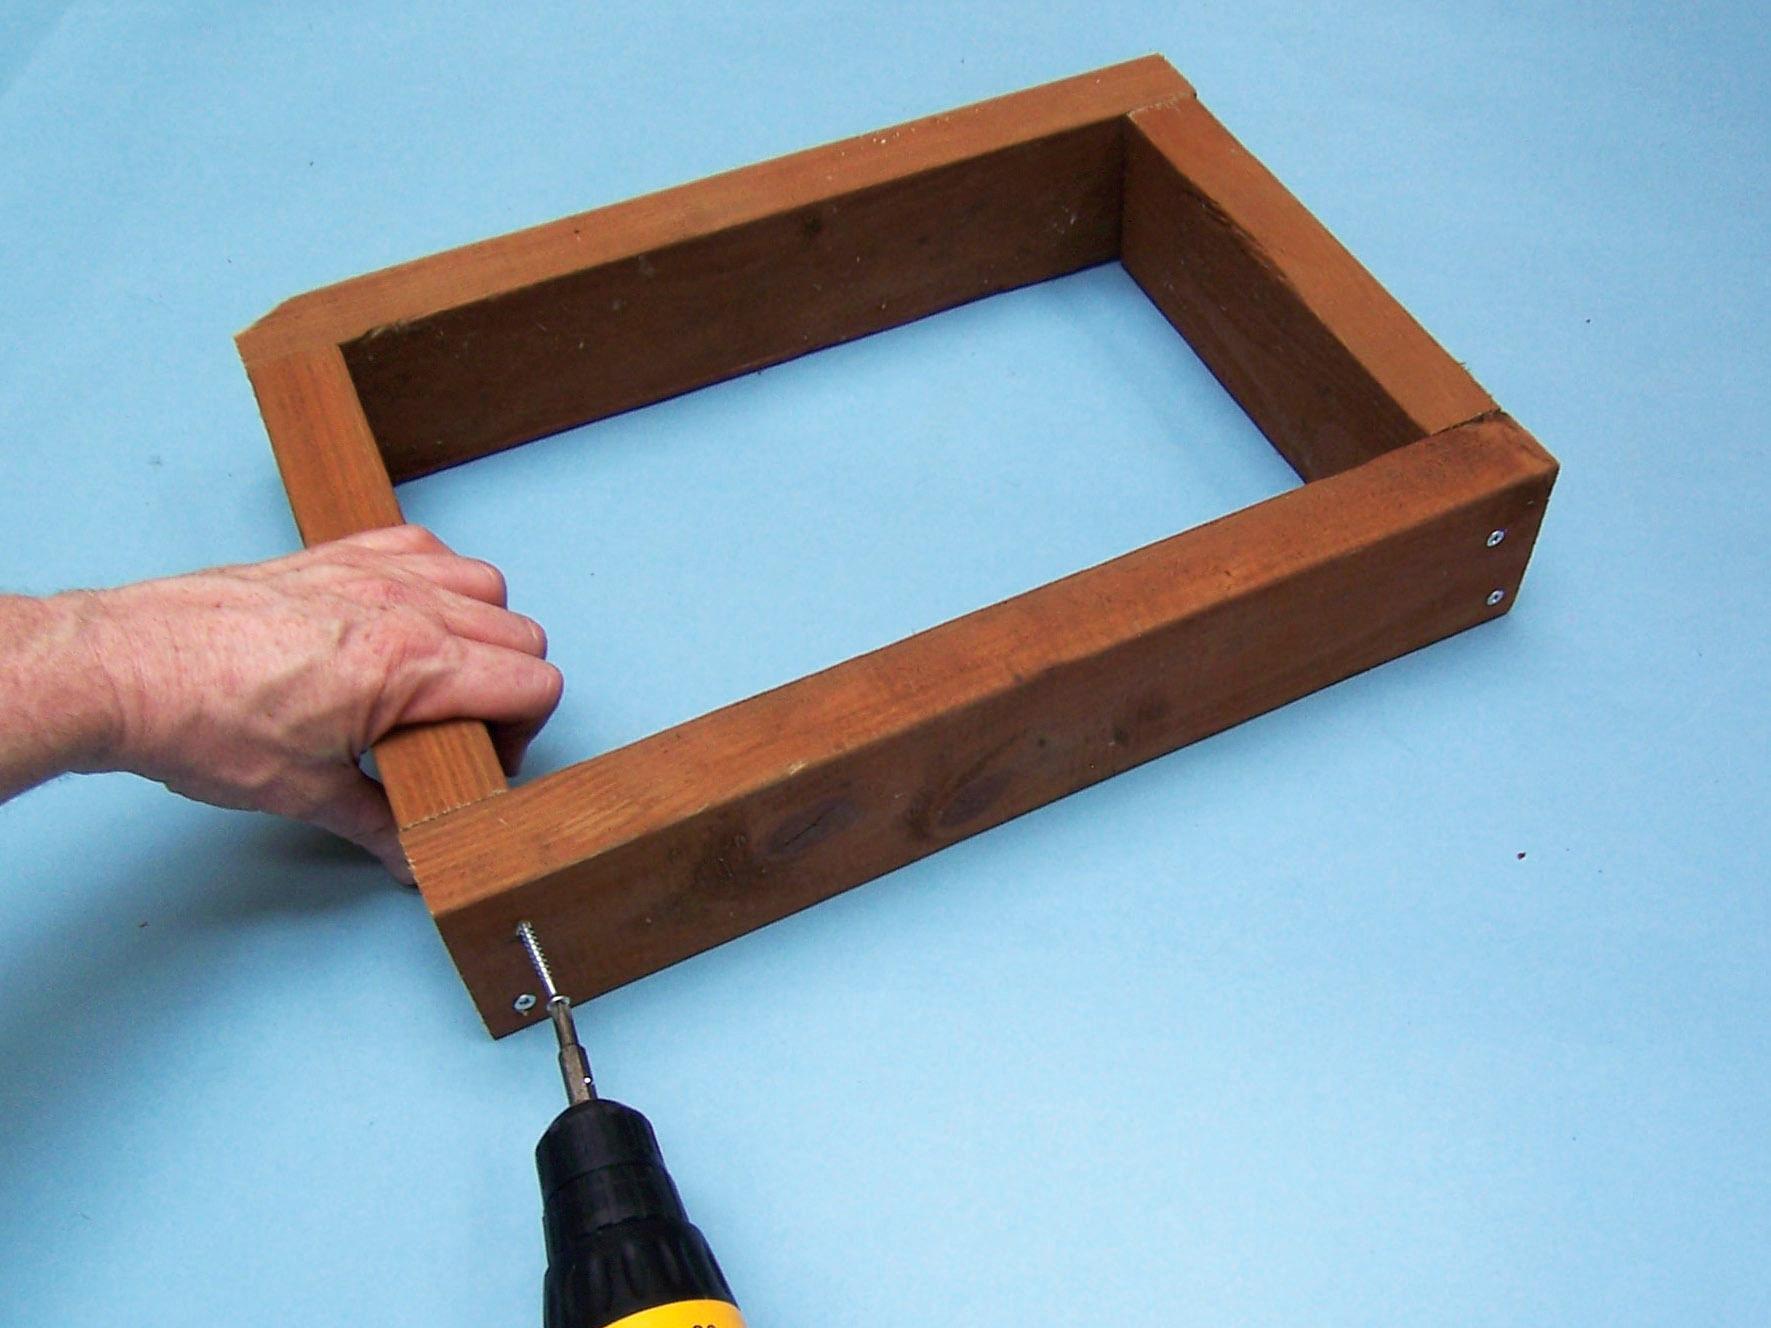 New Project: Kitchen Floor VacuumFormer